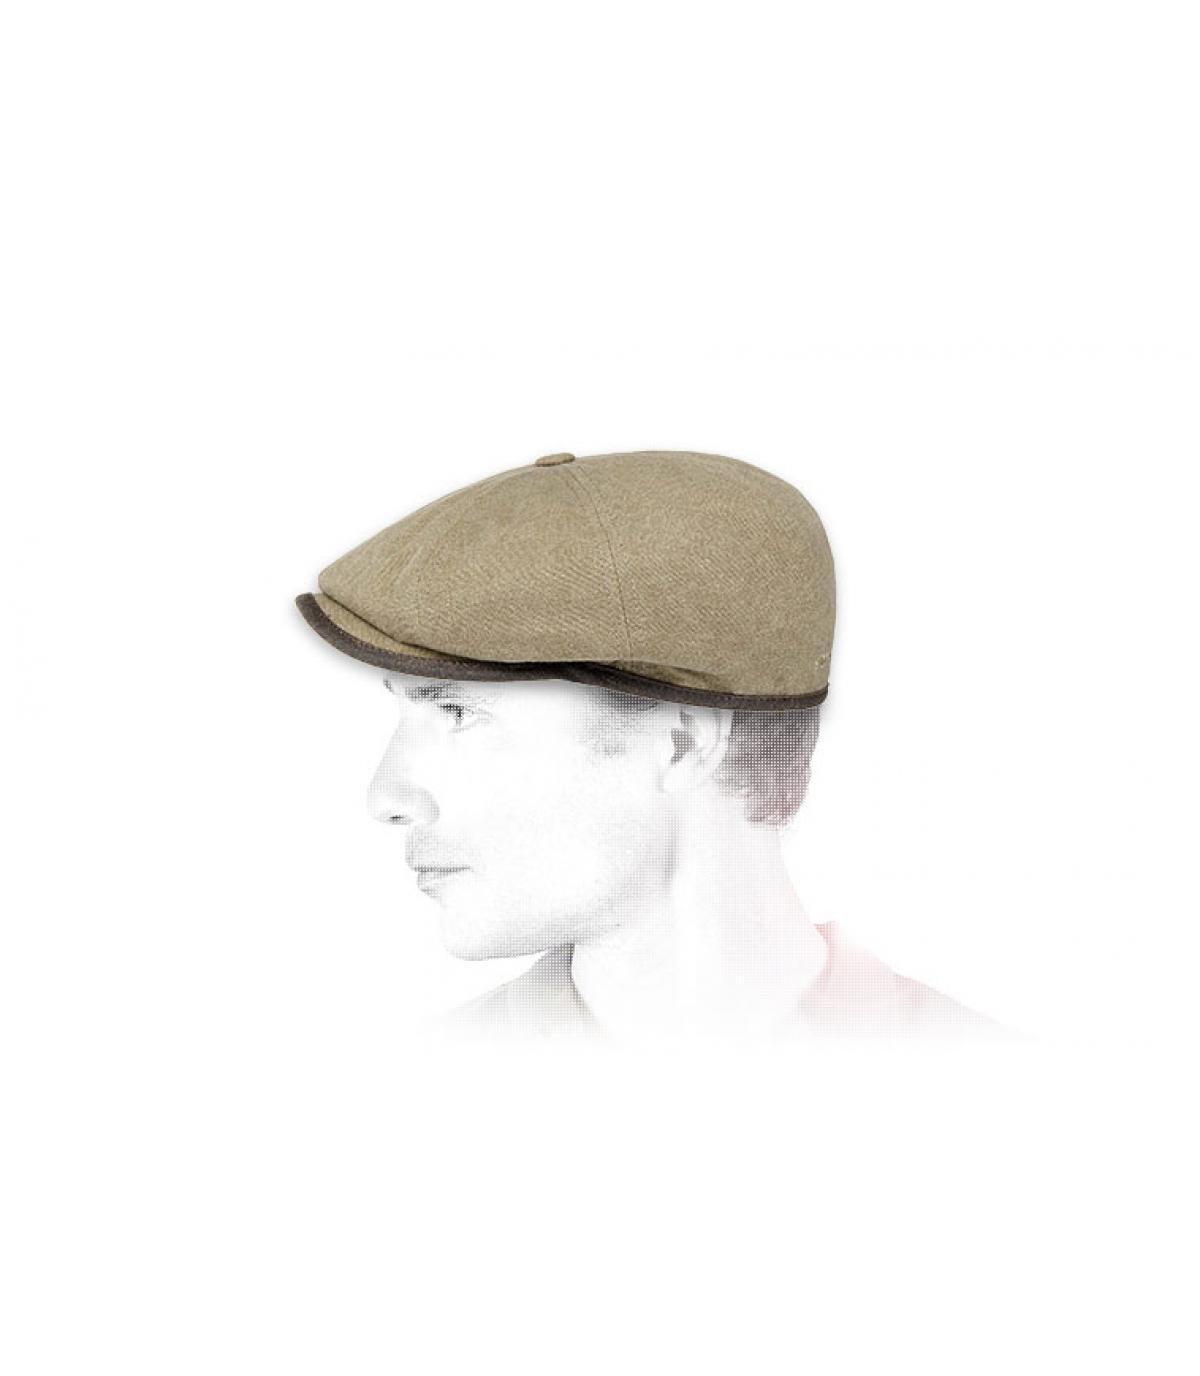 cappello beige Stetson